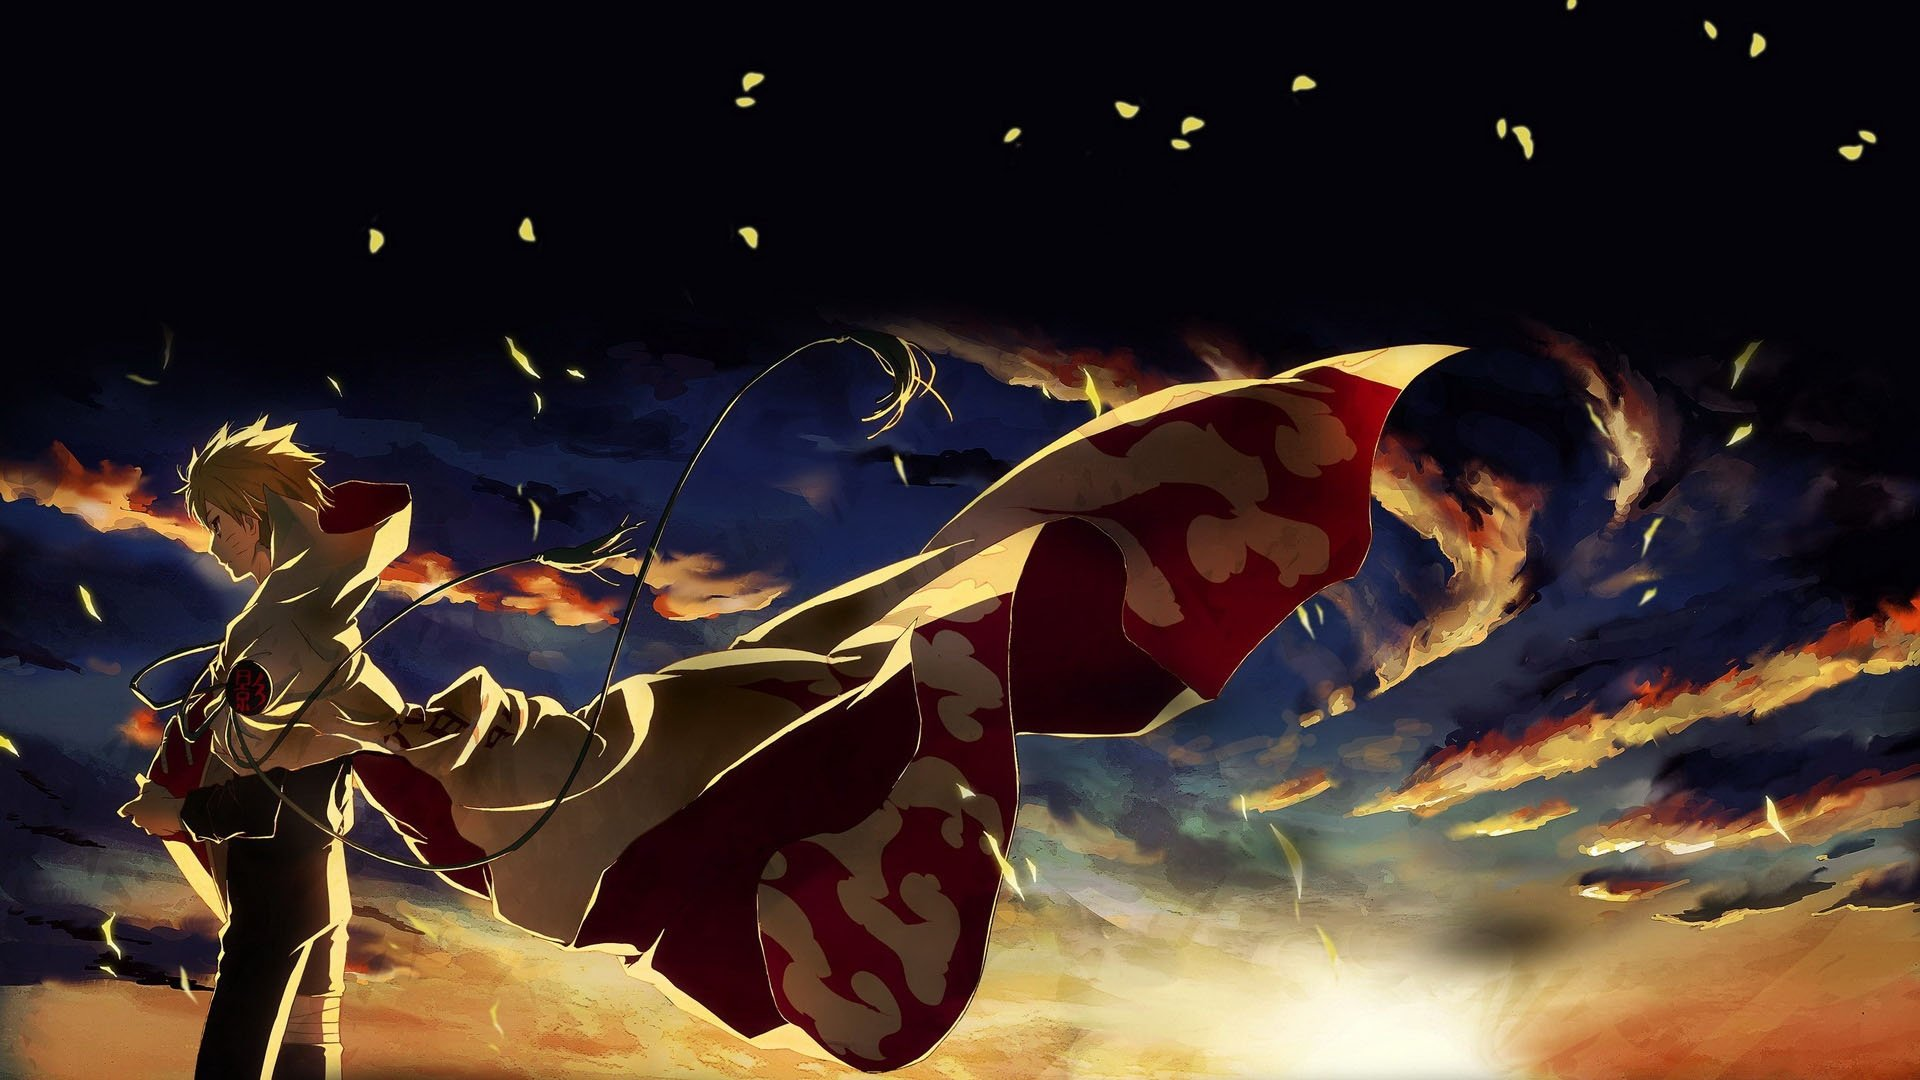 Awesome Anime Wallpapers Hd Wallpapersafari